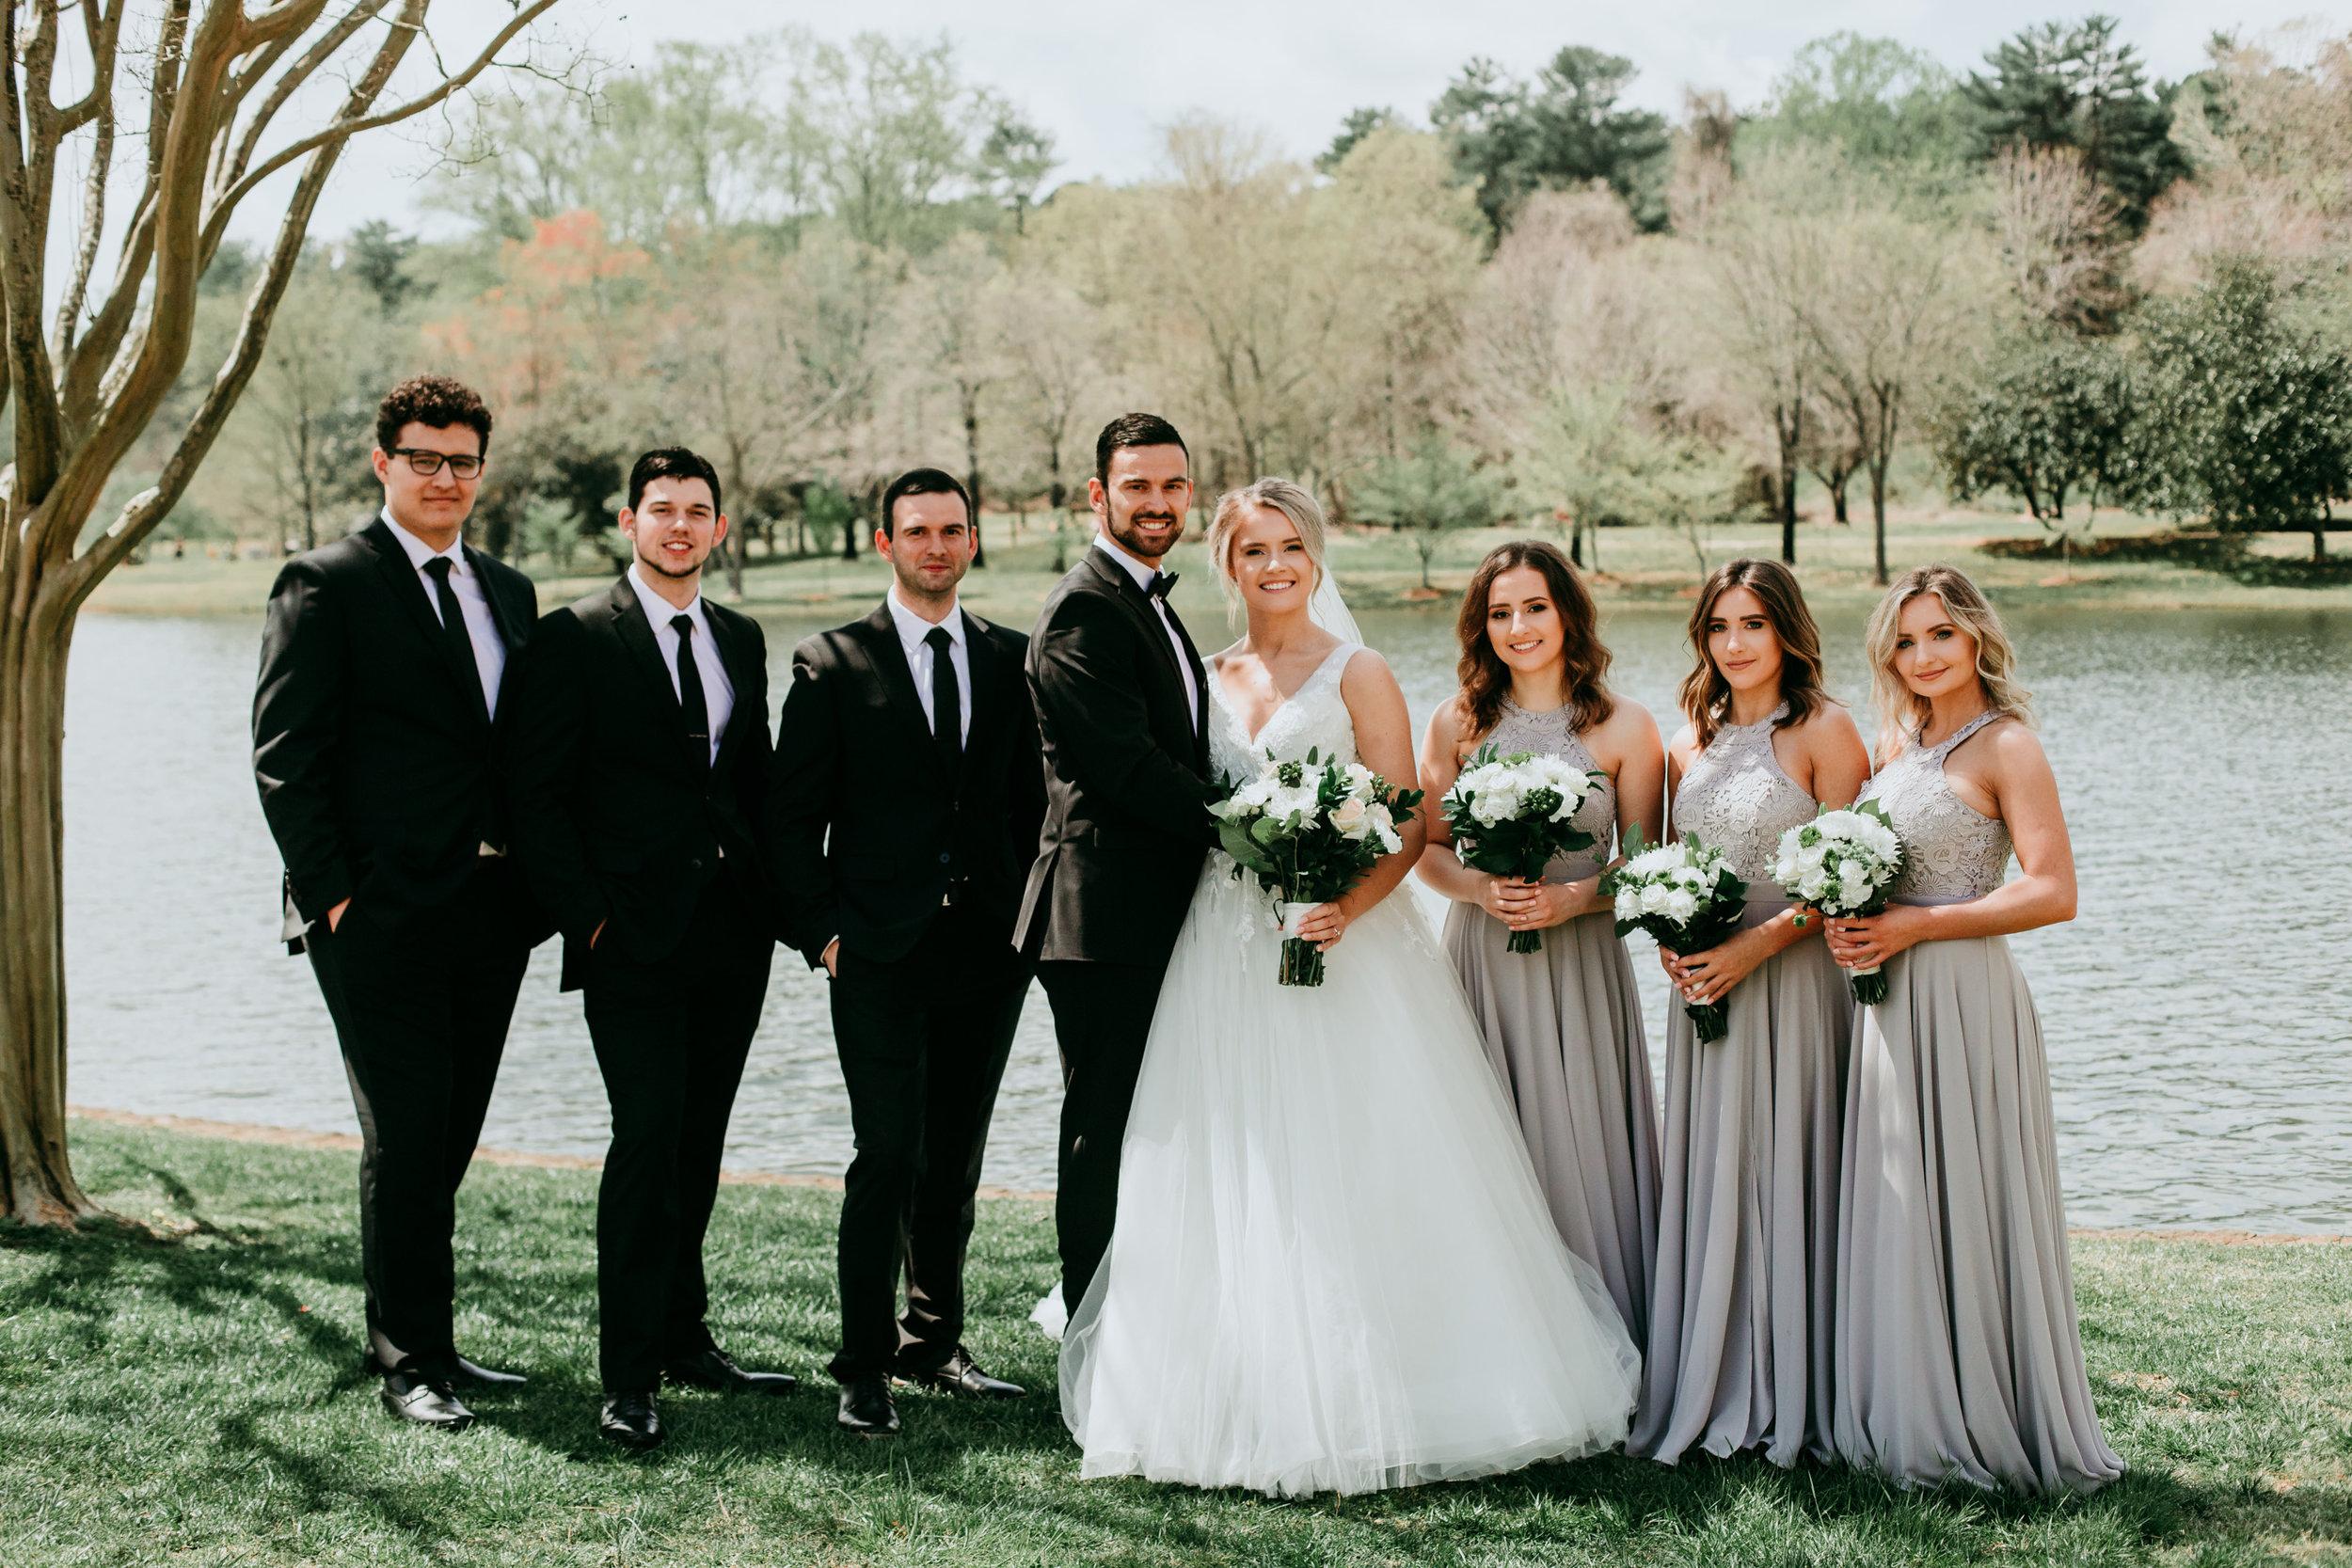 unique-bridal-party-photos.jpg